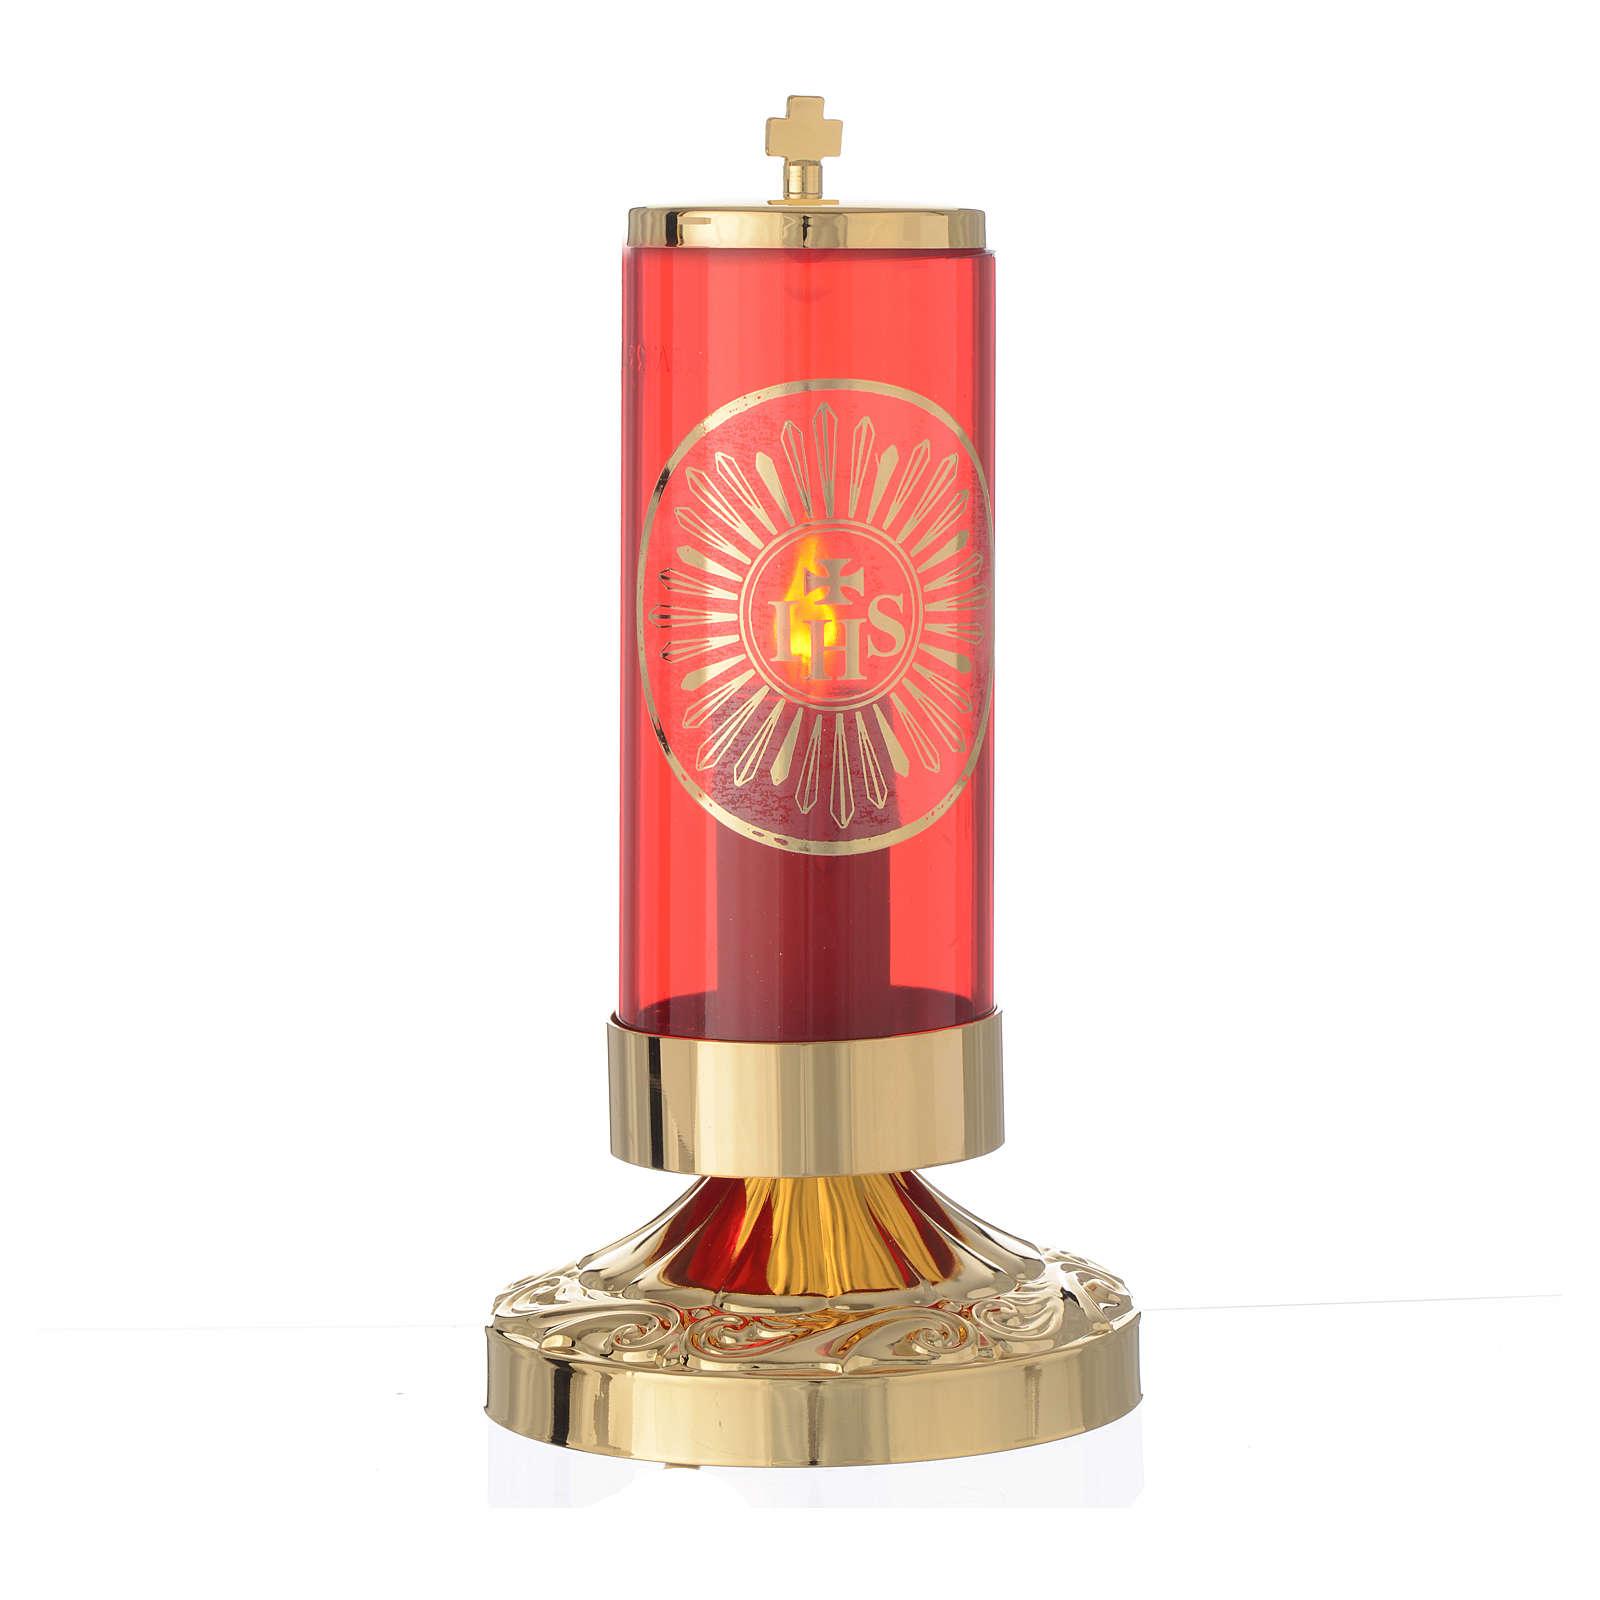 Wieczna lampka elektryczna w stylu imperialnym 3